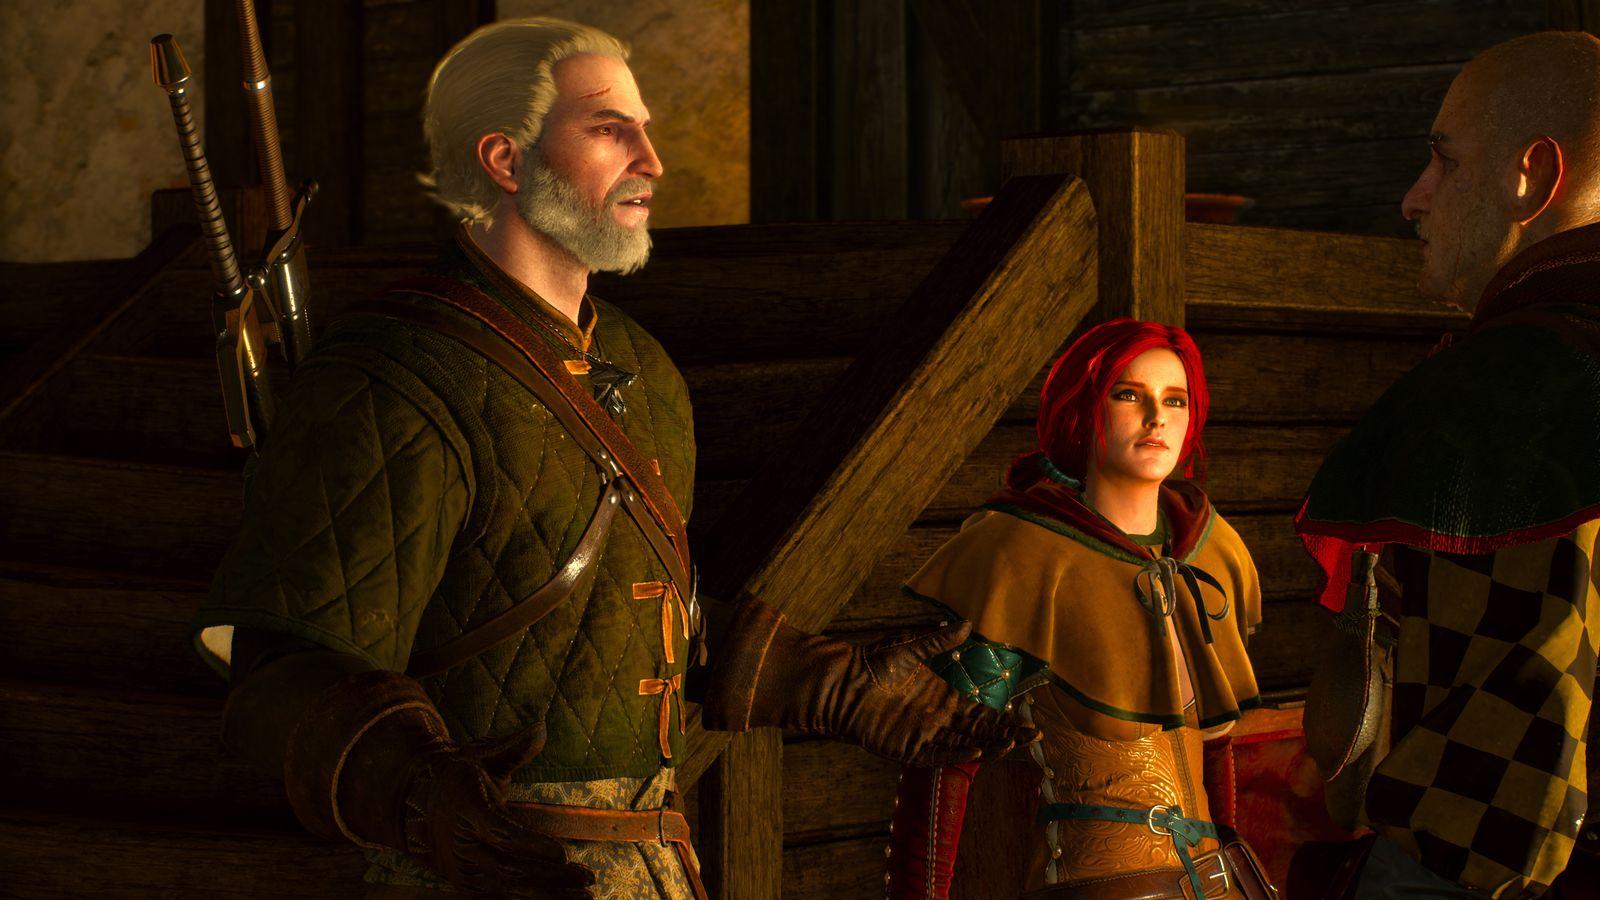 EINMALIGE VERWENDUNG 20 besten Games 2010-2019/ The Witcher 3